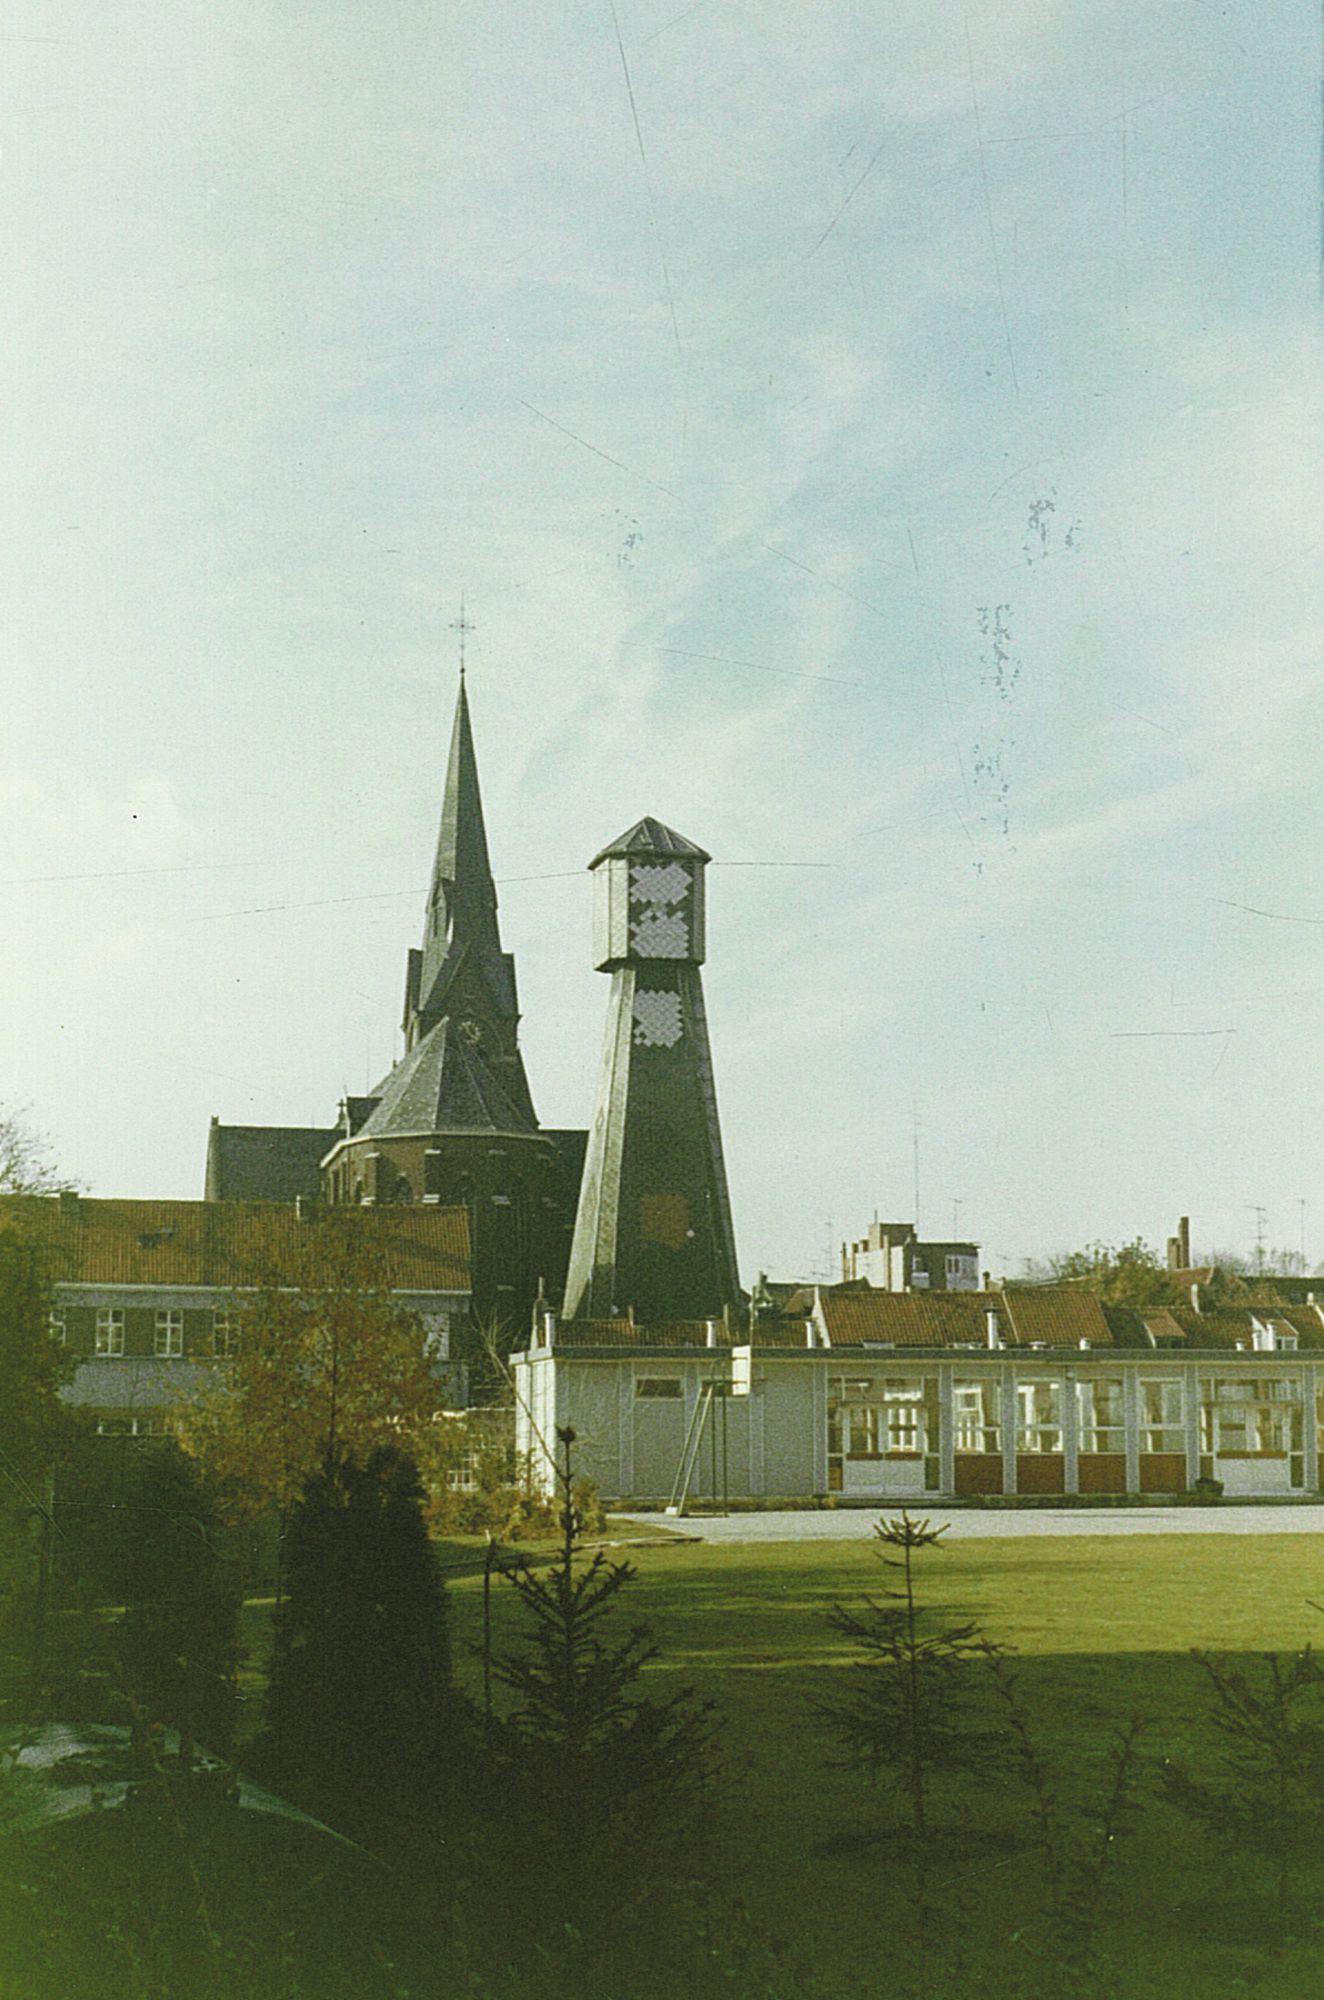 Schuttersmast Willem Tell